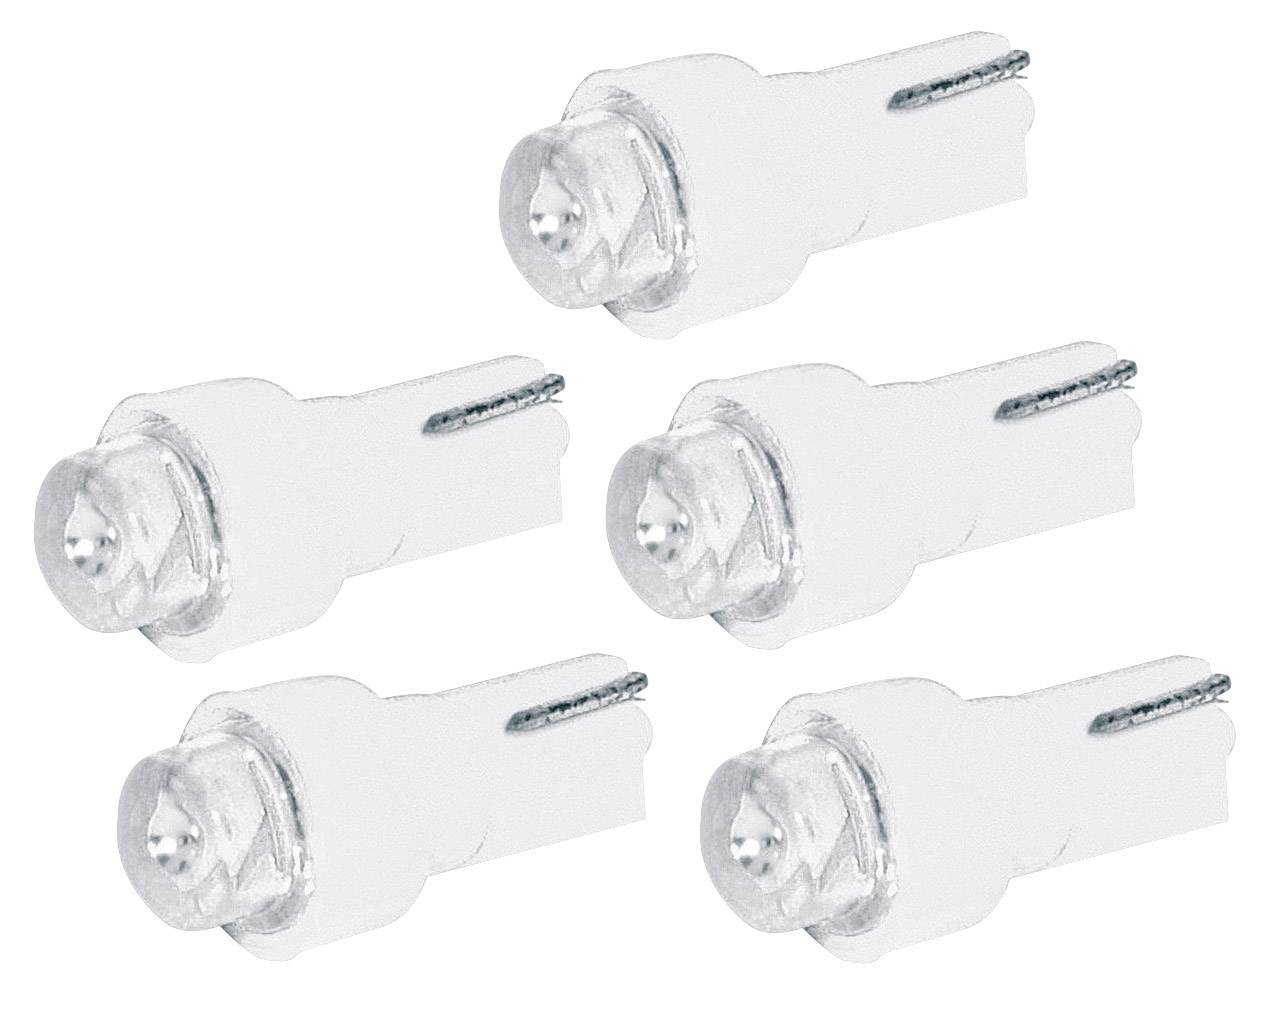 LED žárovka pro osvětlení přístrojů Eufab, 13293, 1,2 W, T5, bílá, 5ks